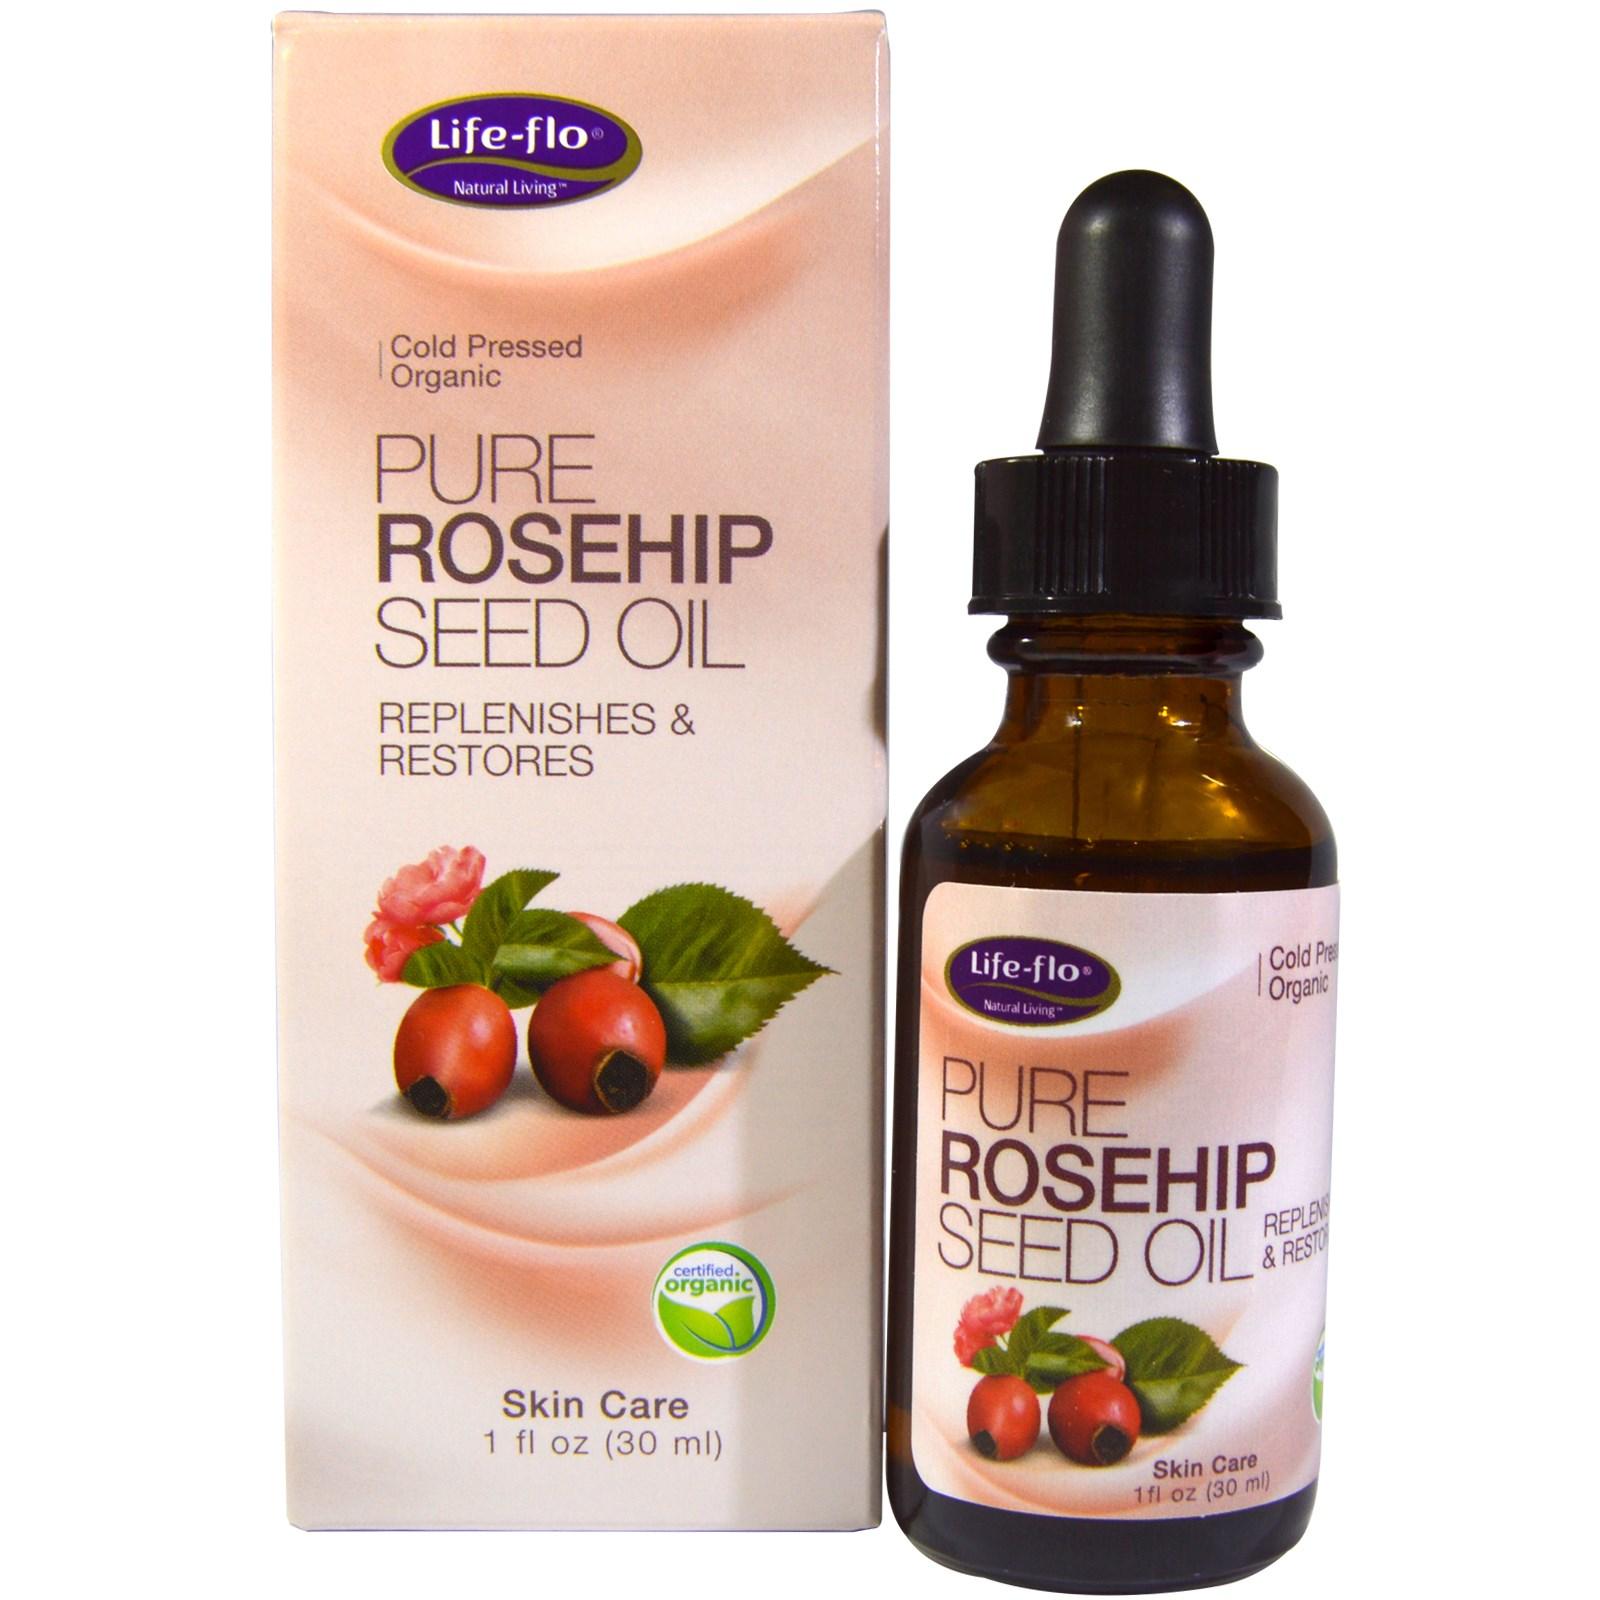 rose hip oil life flo.jpg